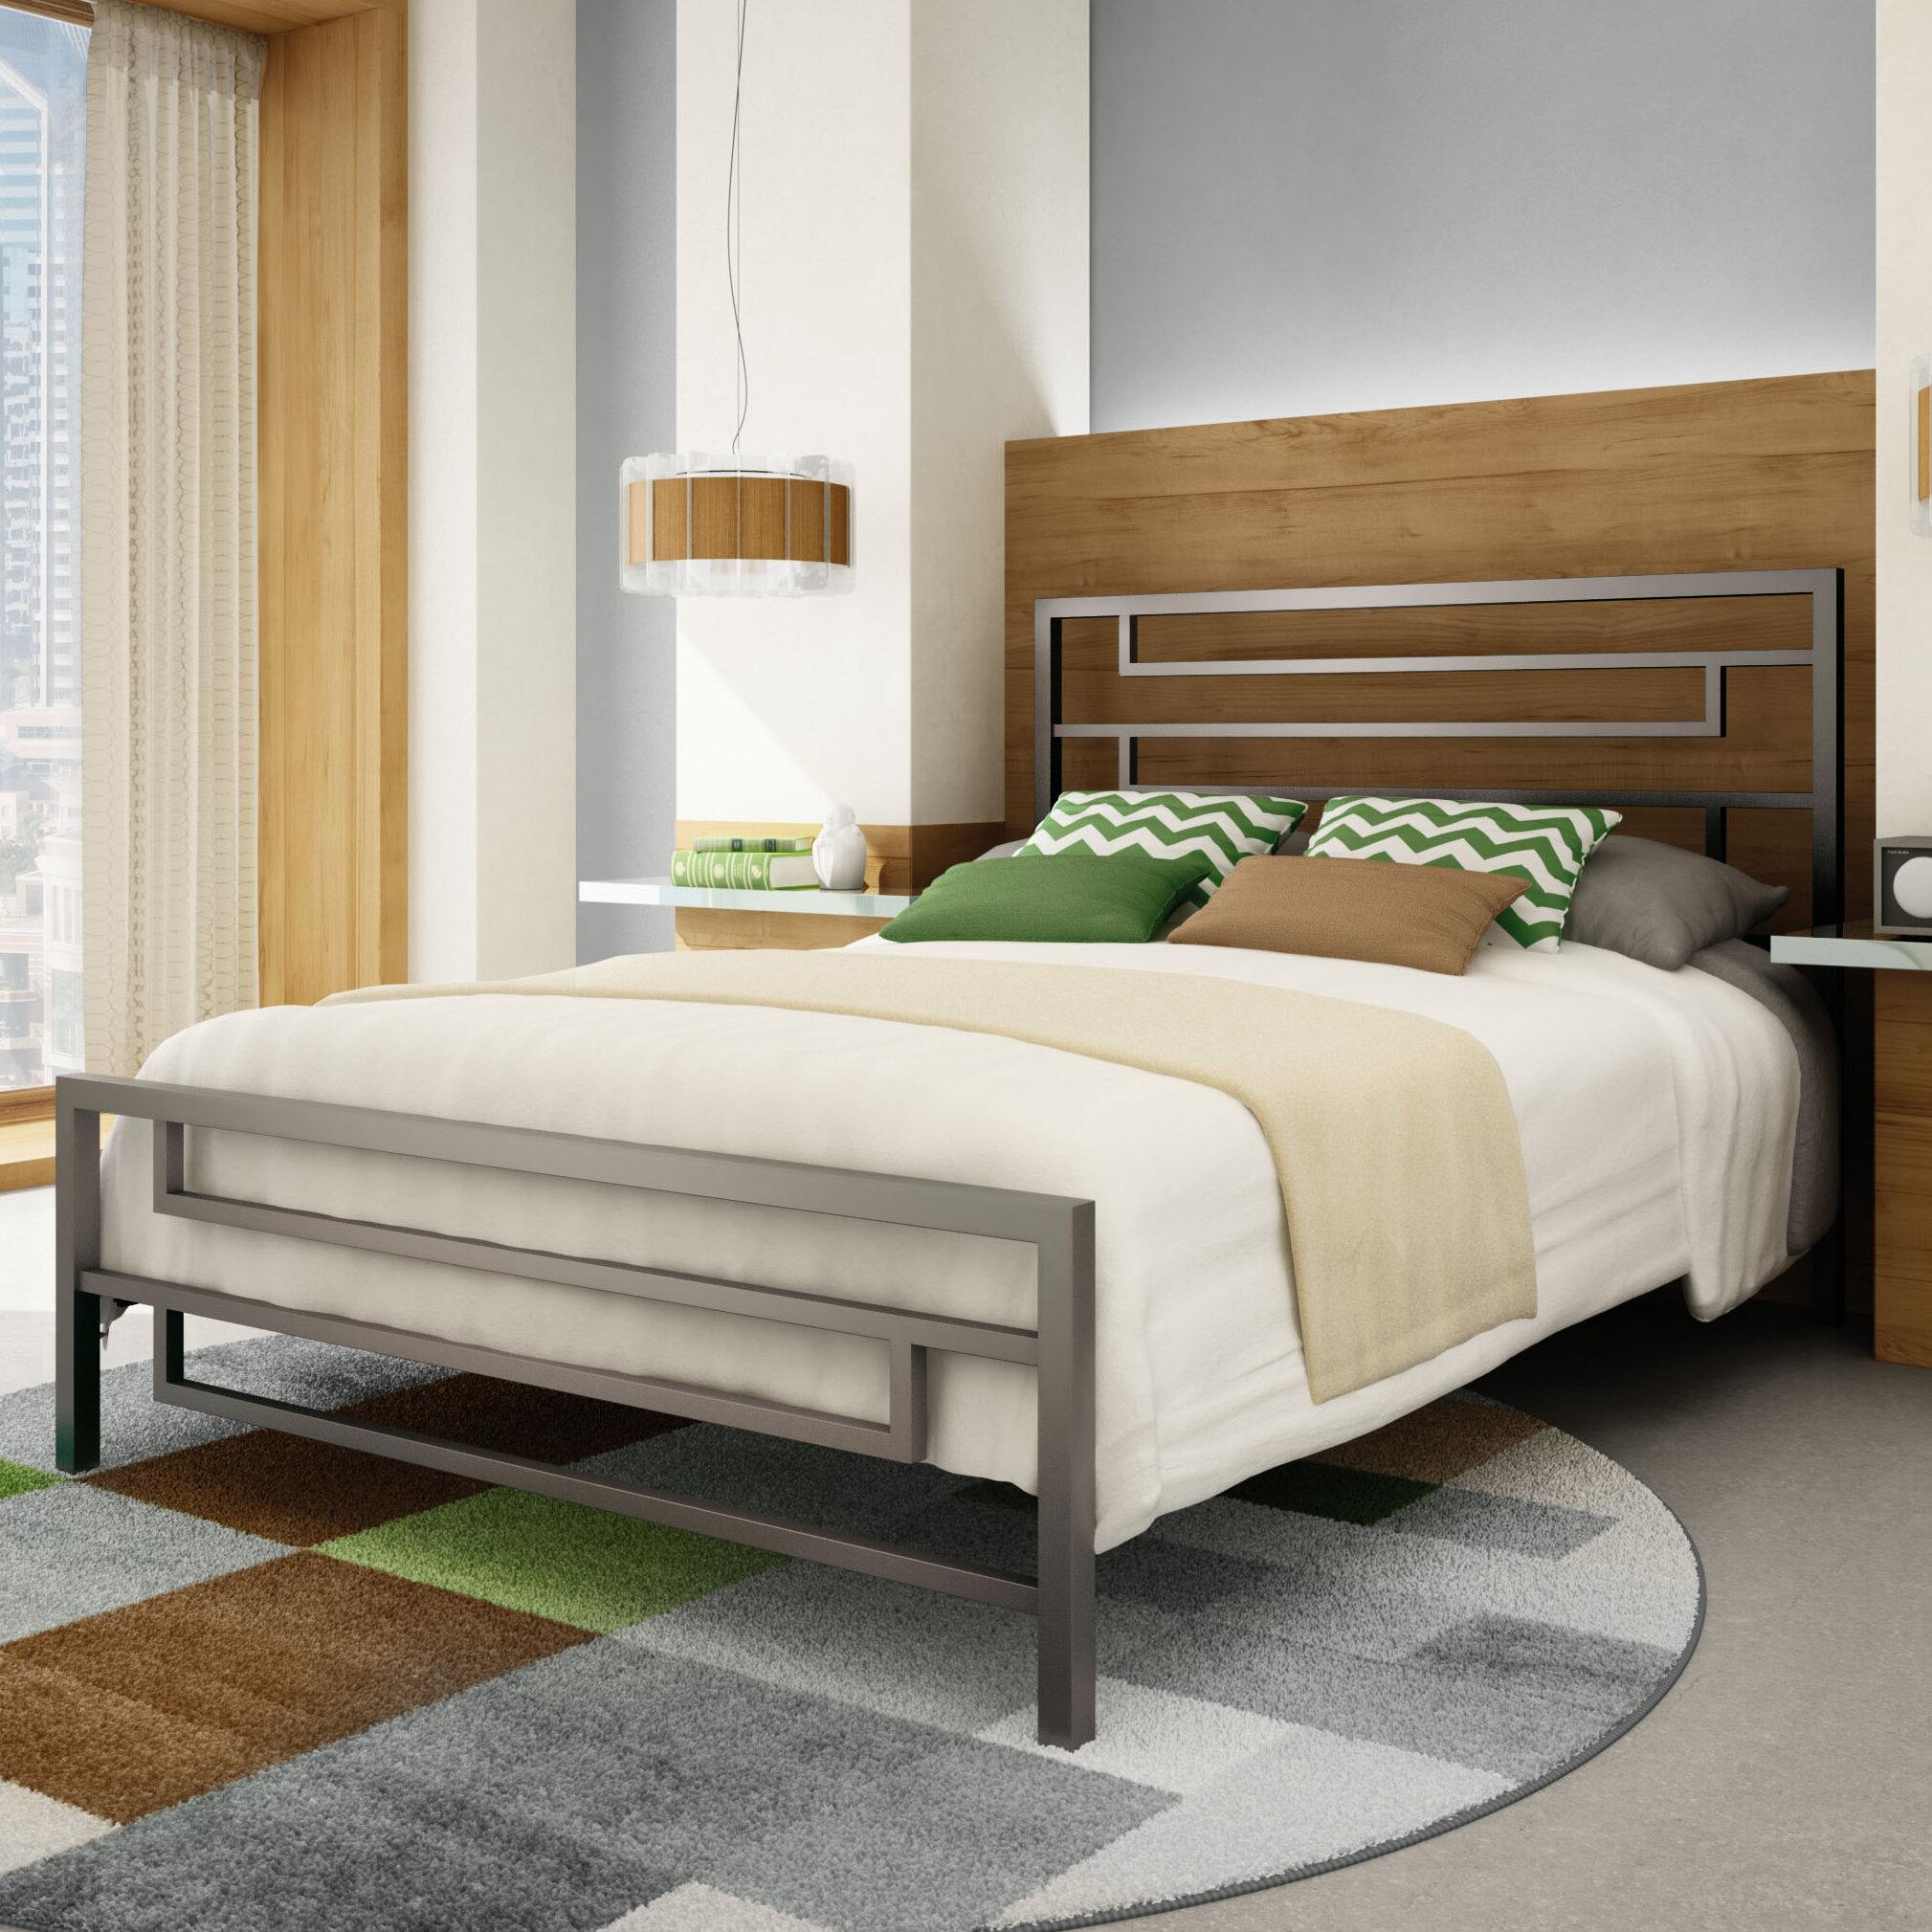 c8c46b275aee3 Brayden Studio Brophy Platform Bed   Reviews